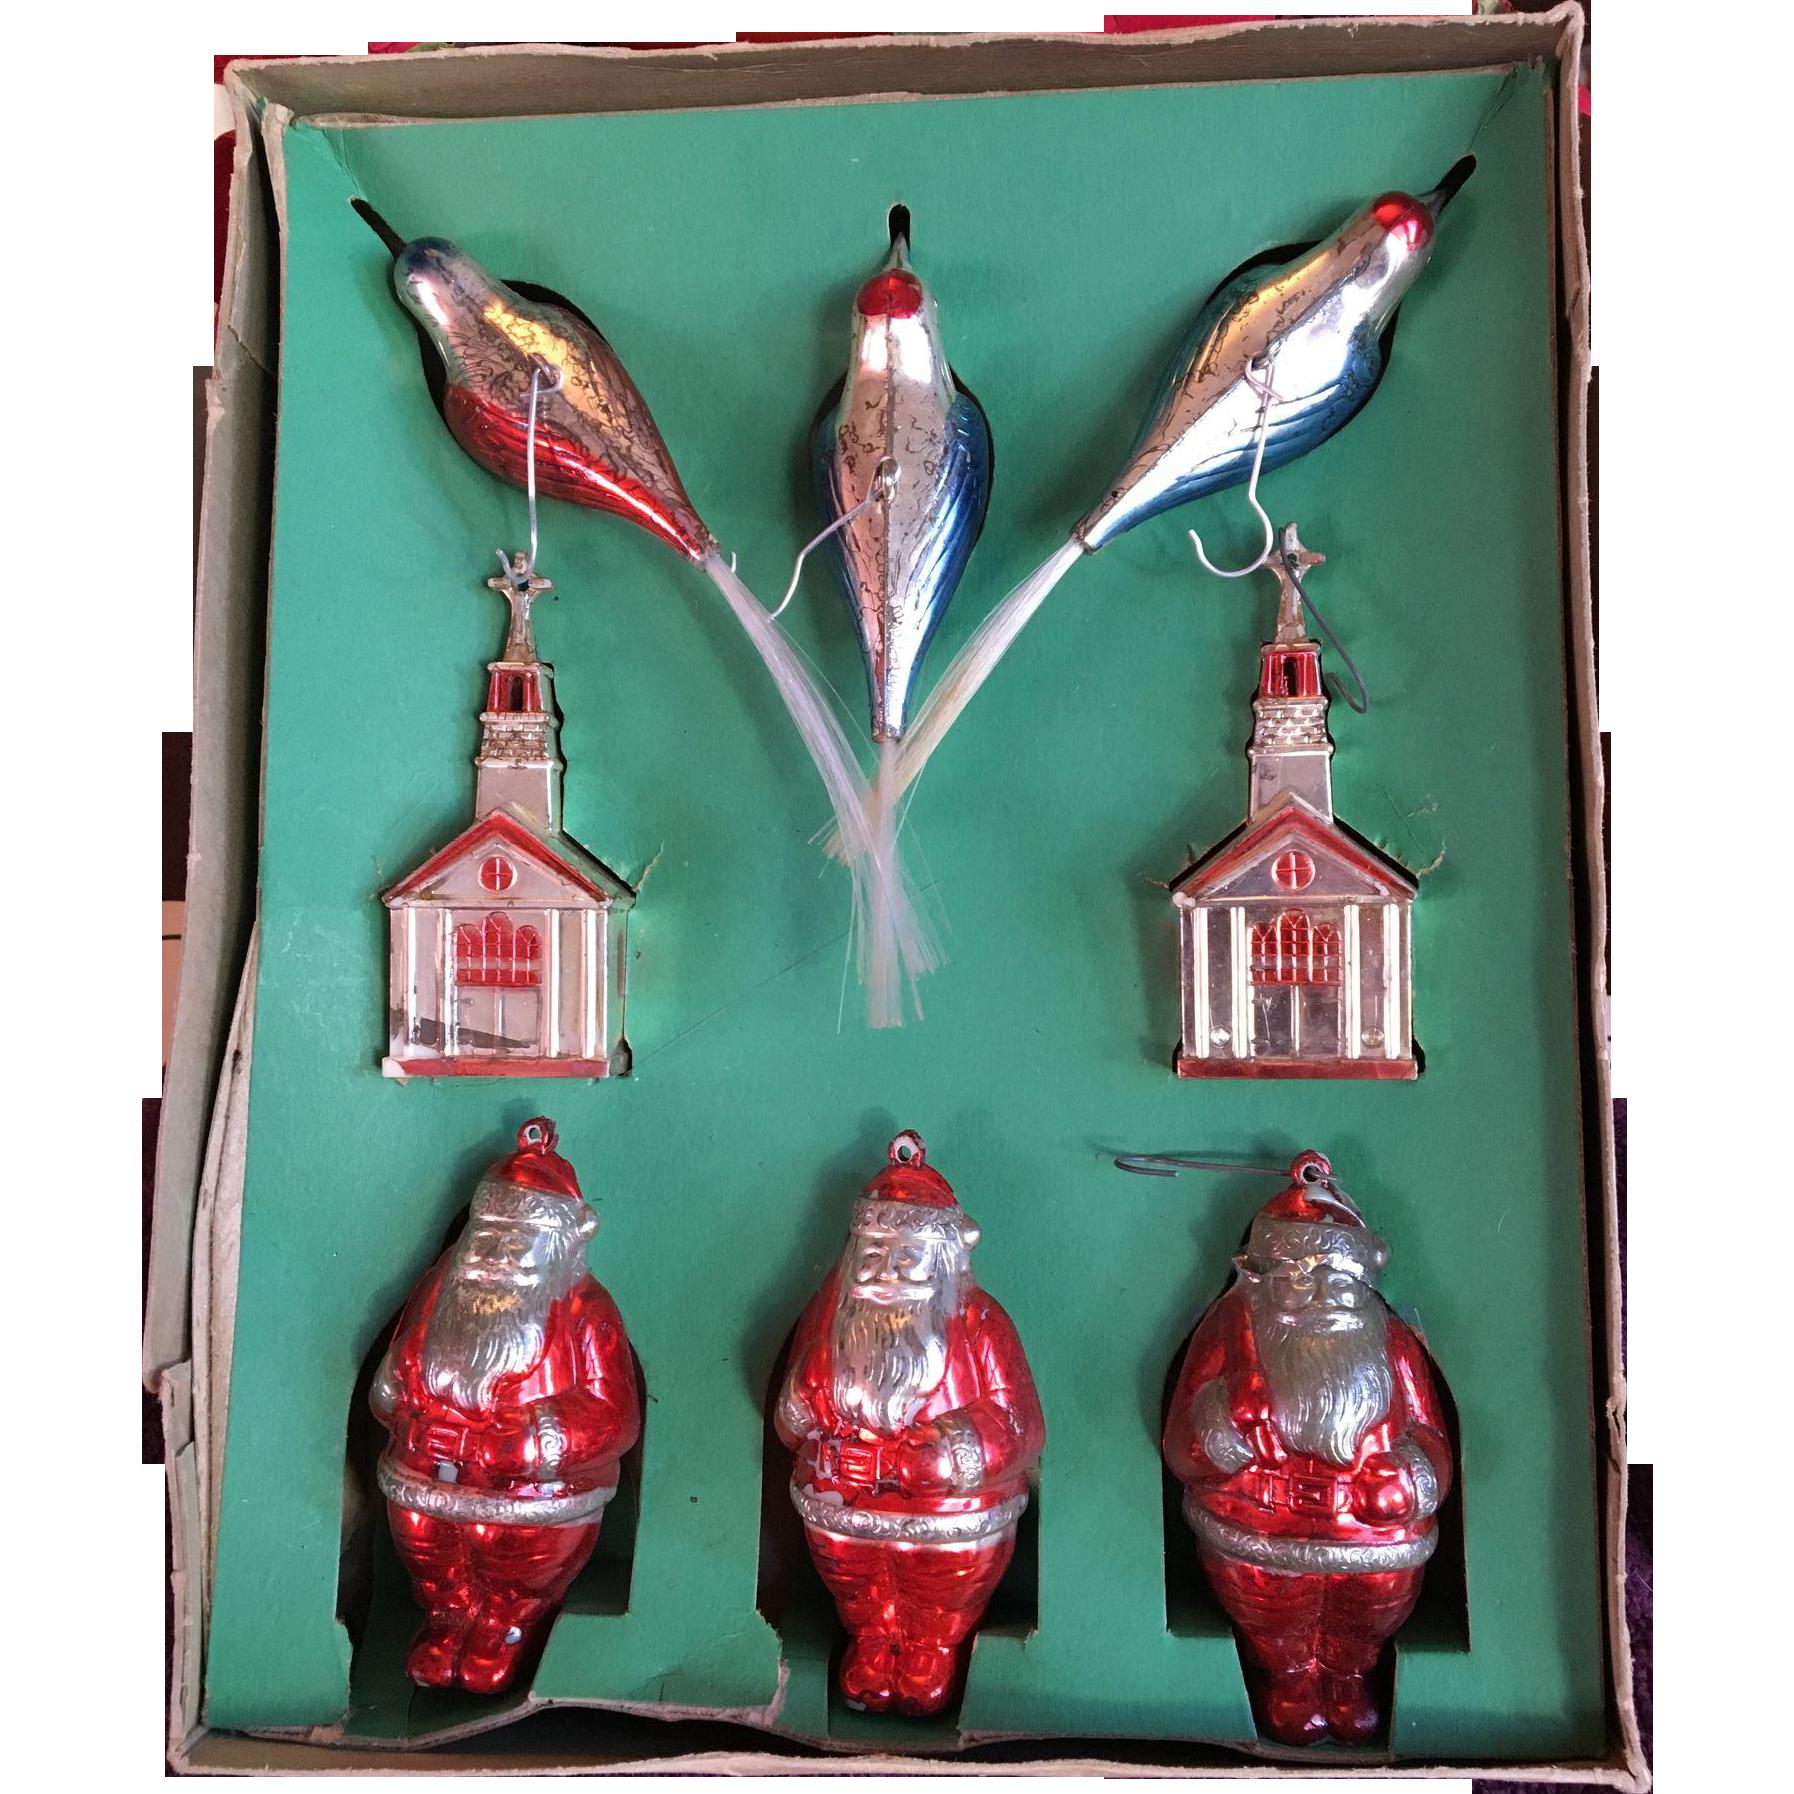 Shiny Brite Vintage Figural Ornaments in Original Box